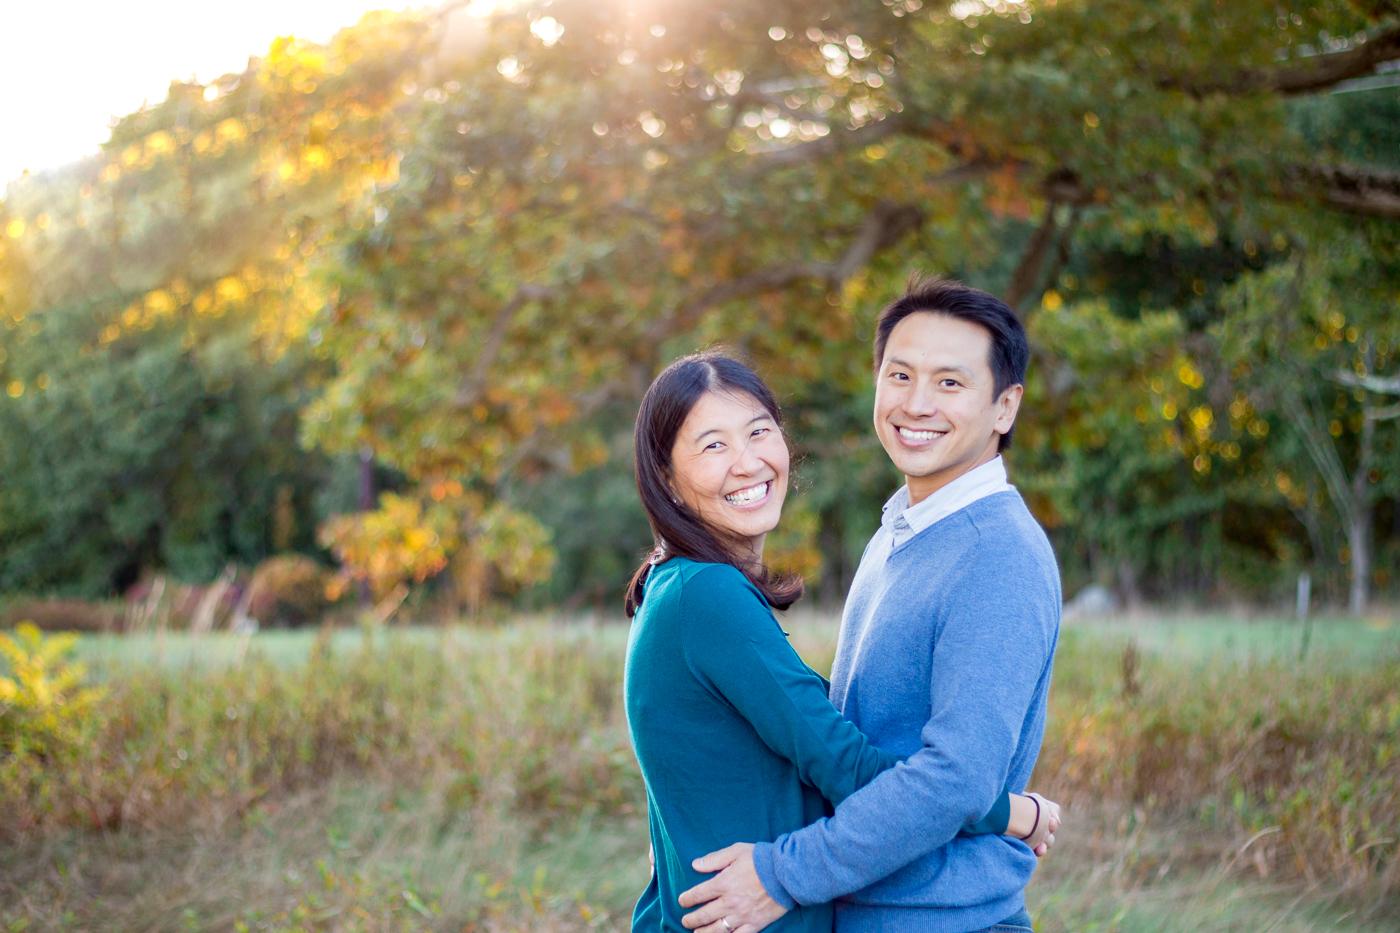 Family_Photographer_Needham_Couples-07.jpg